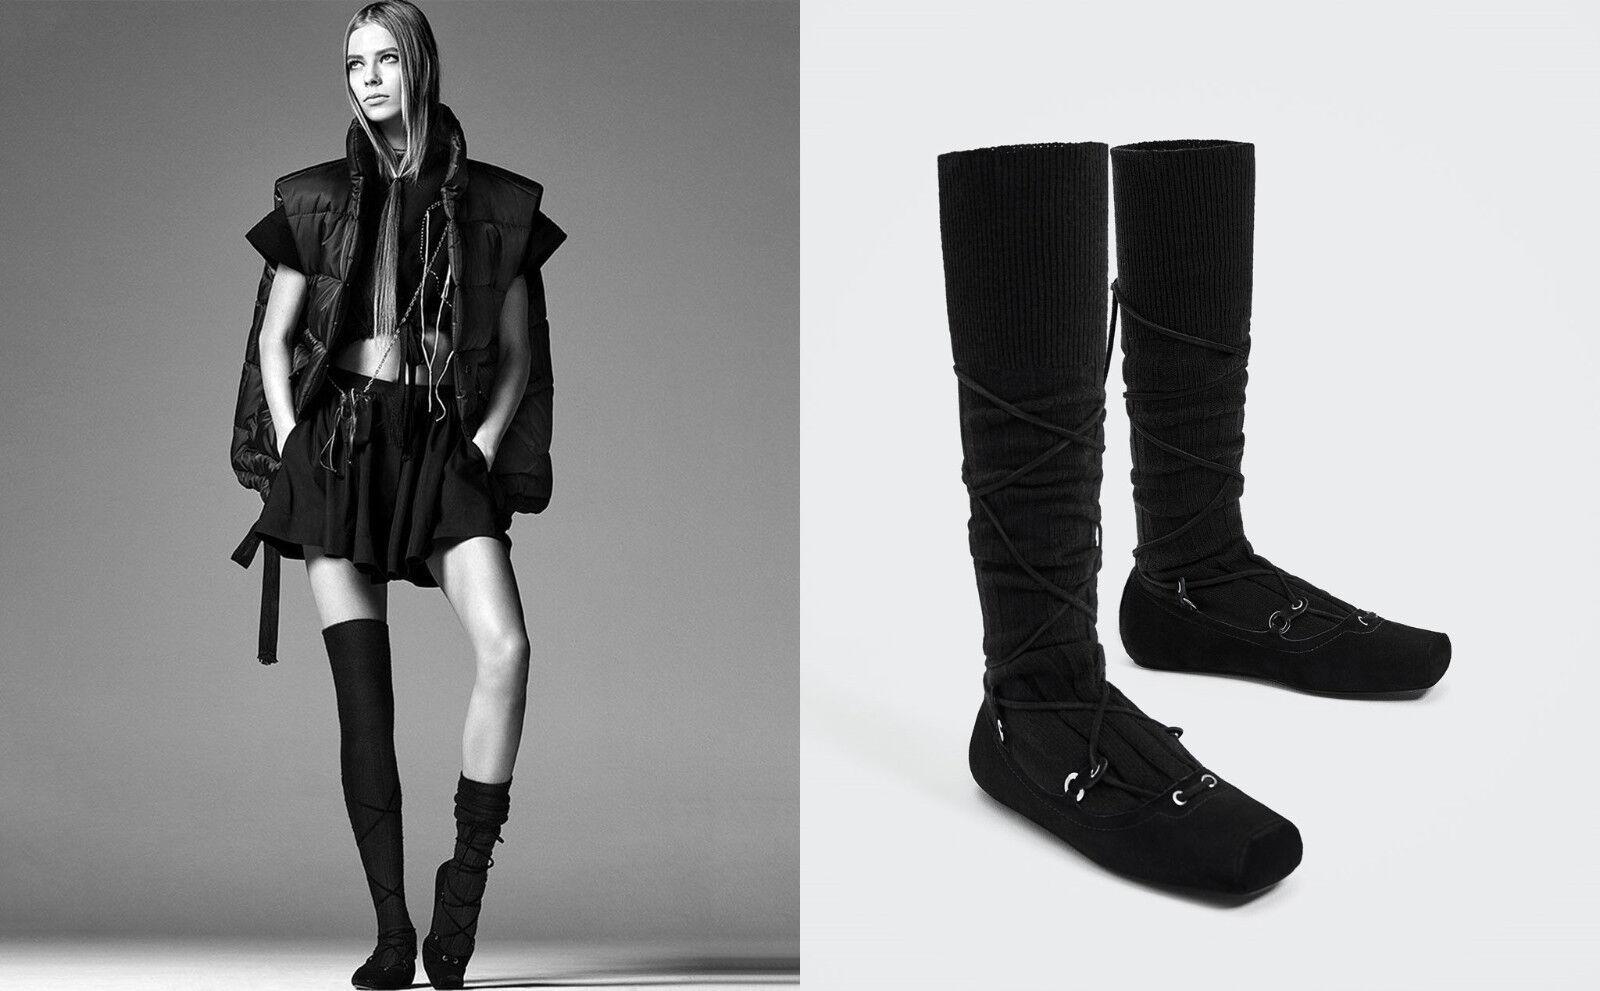 Zara Studio cuero bailarina con alto caña 40 40 40 Leather socks style bailarinas  grandes ahorros